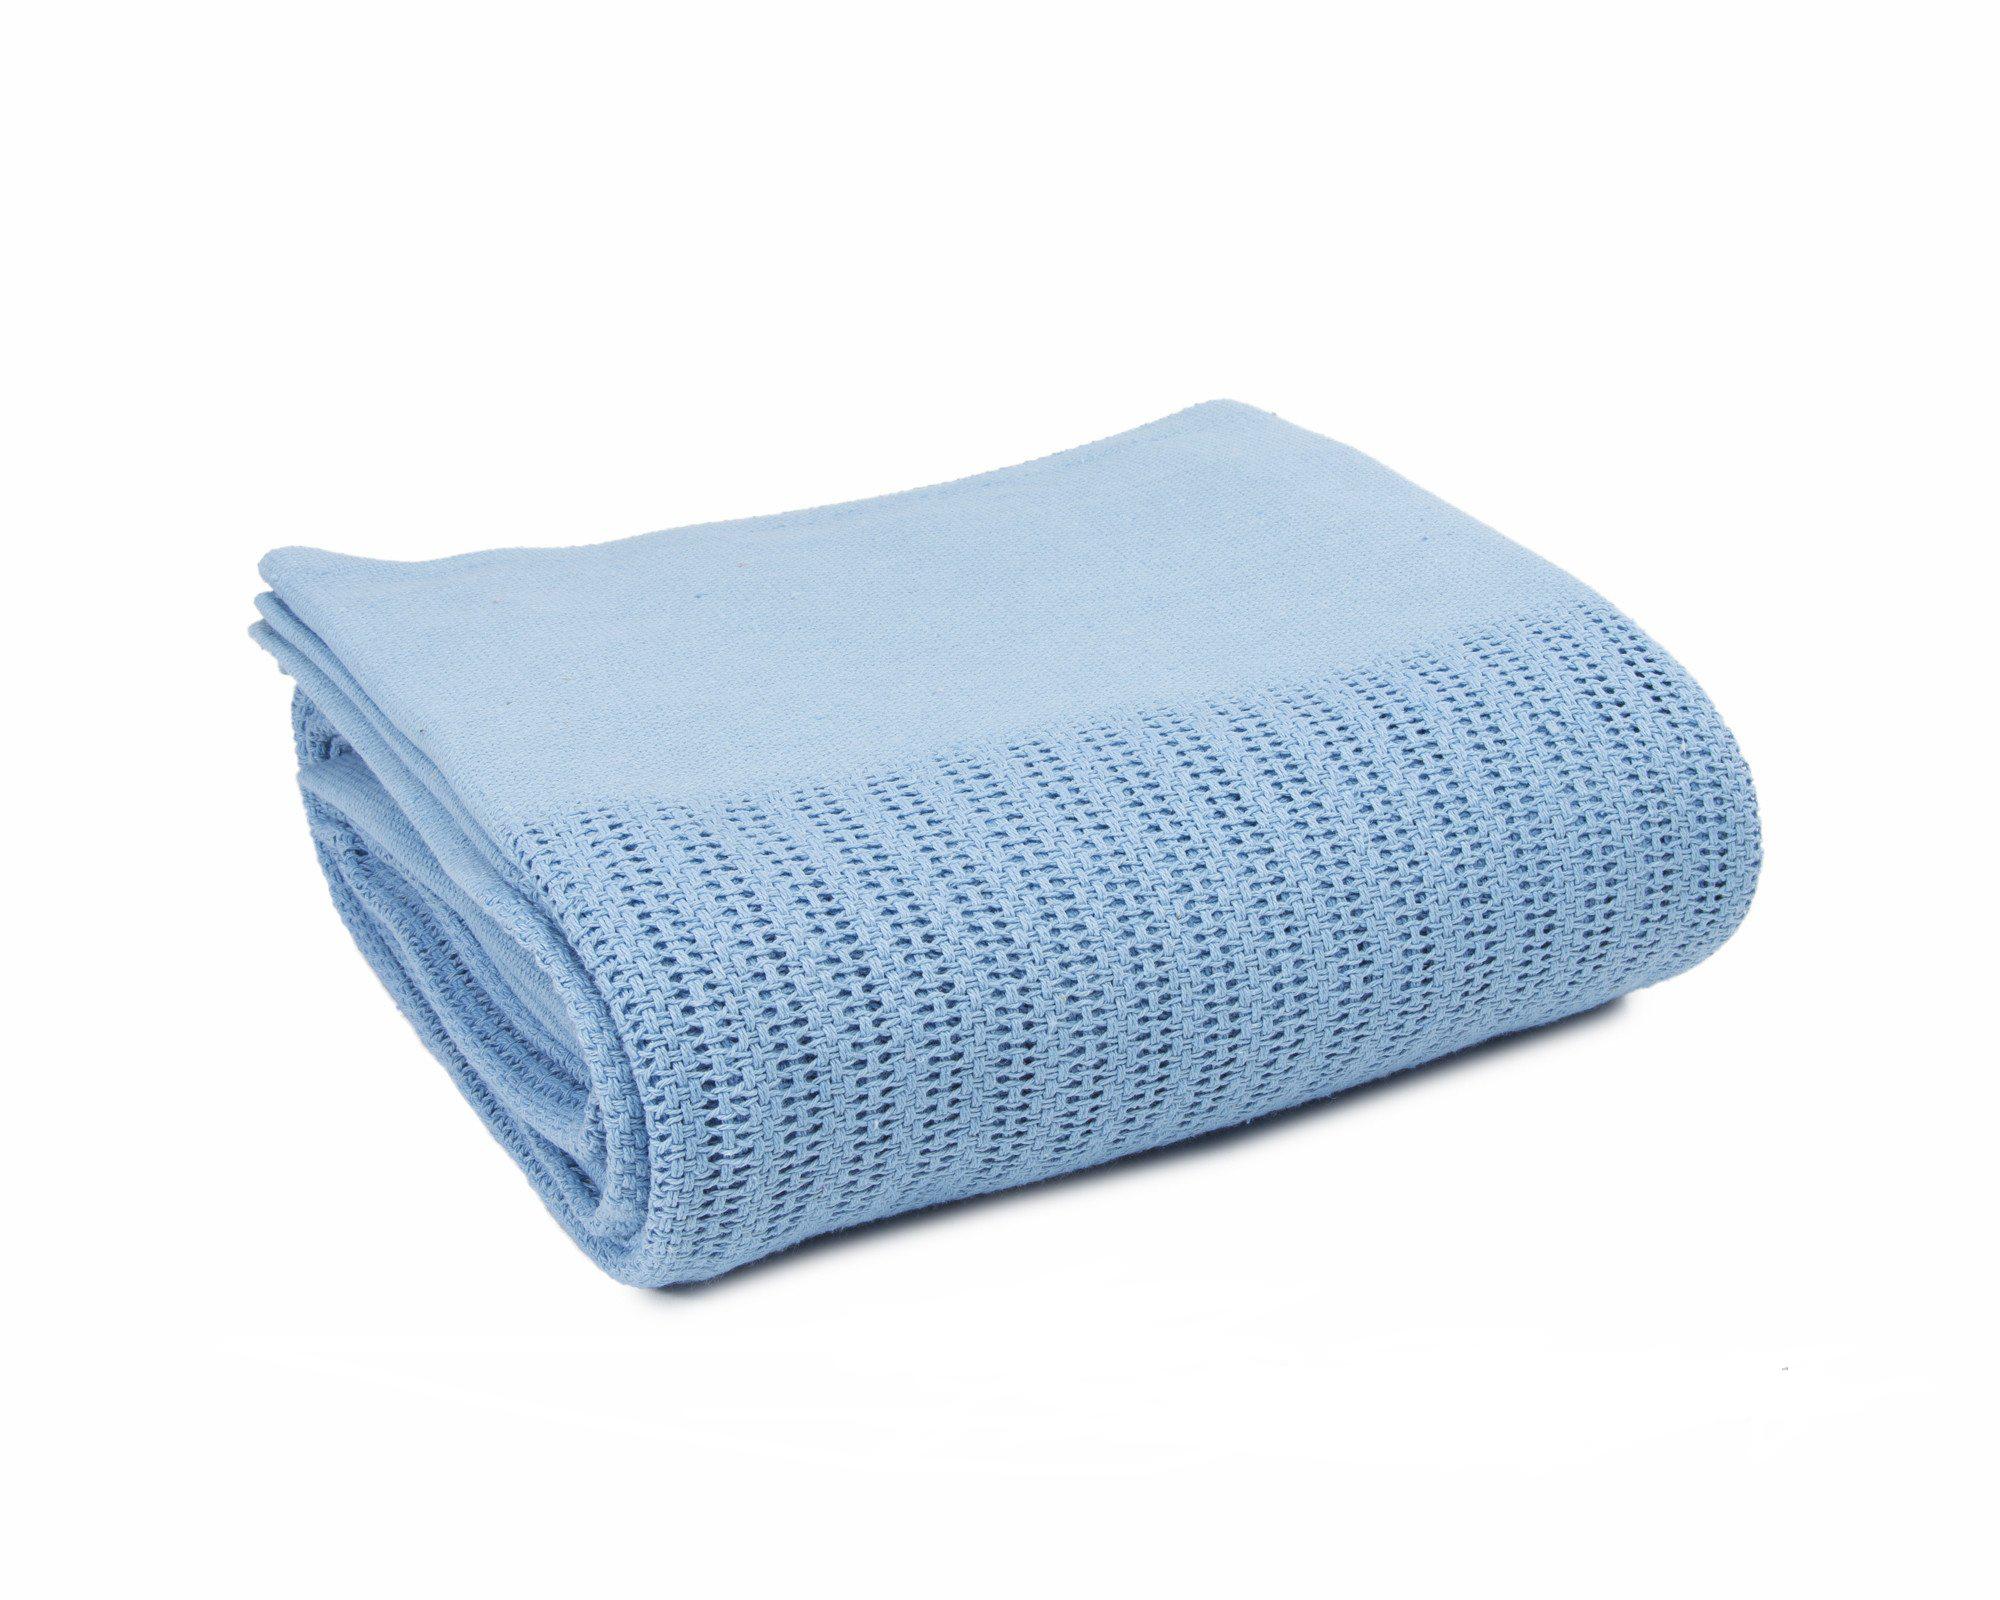 Thermal Blanket - Leno design